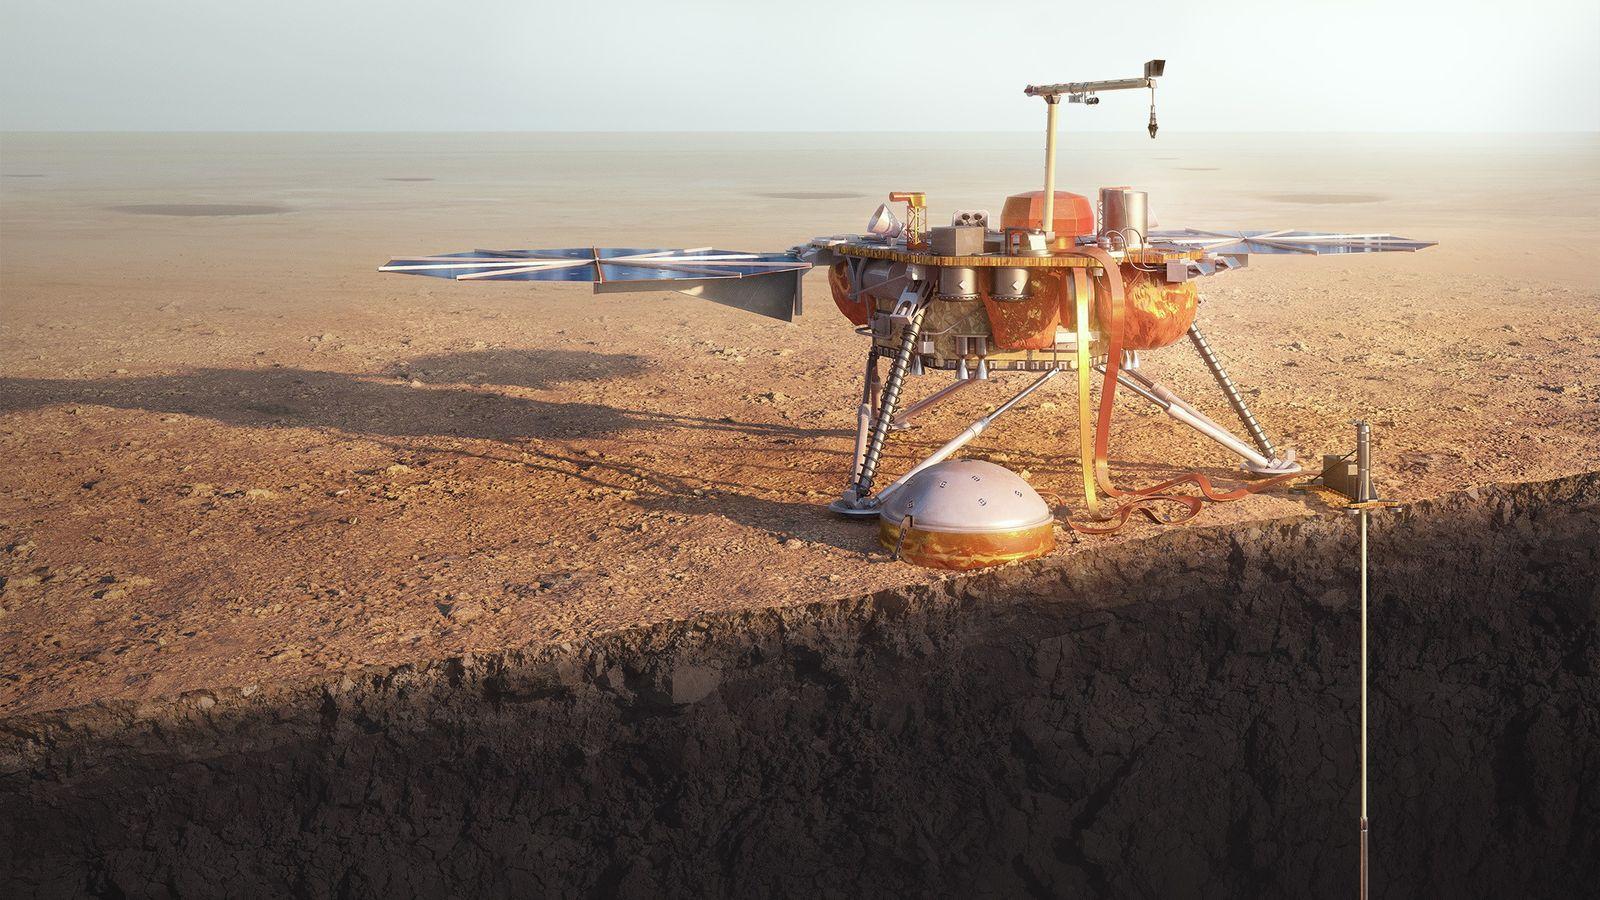 A sonda marciana da NASA, InSight, perfura o planeta vermelho em uma ilustração.